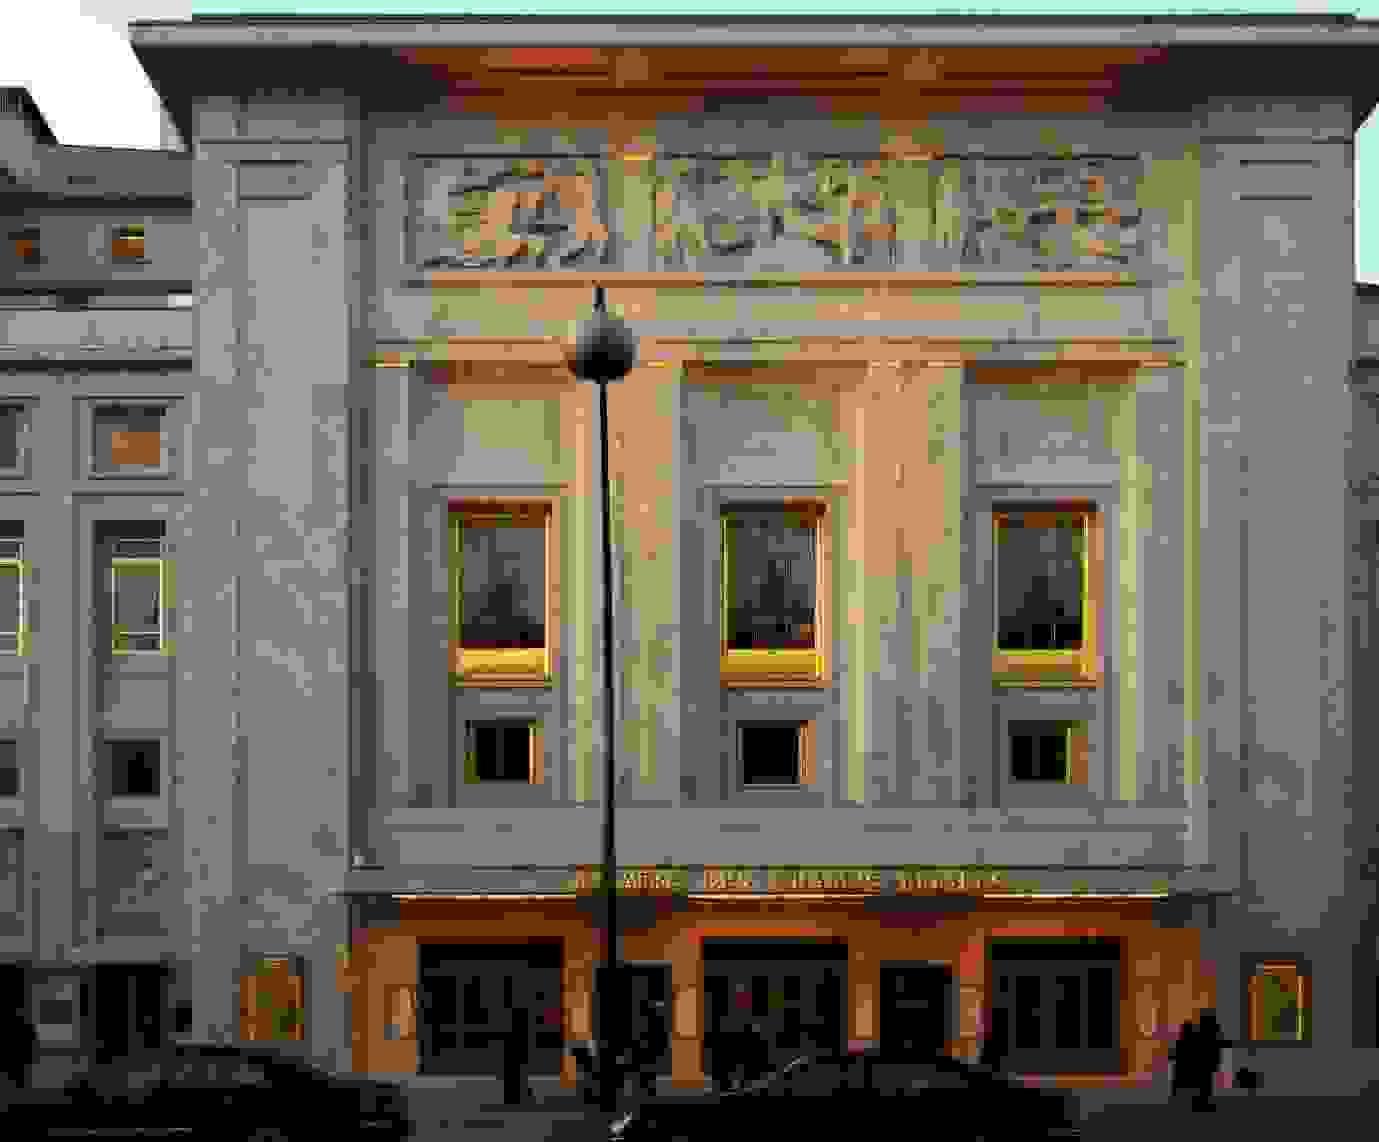 Théâtre des Champs-Élysées   Image source: Wikipedia.org